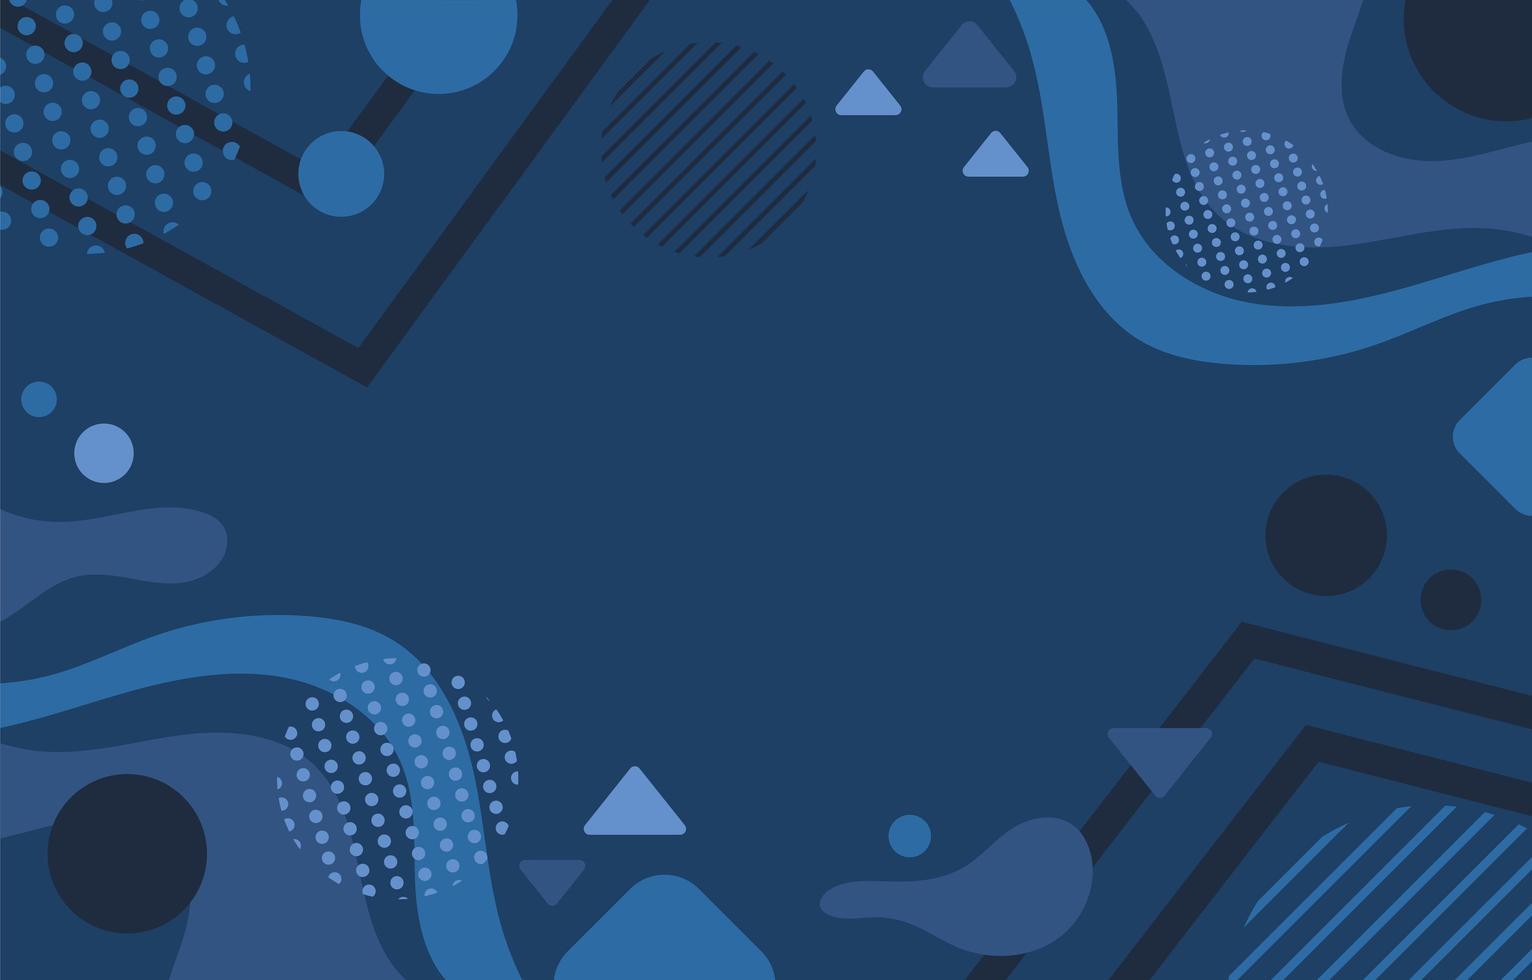 fundo azul clássico abstrato vetor